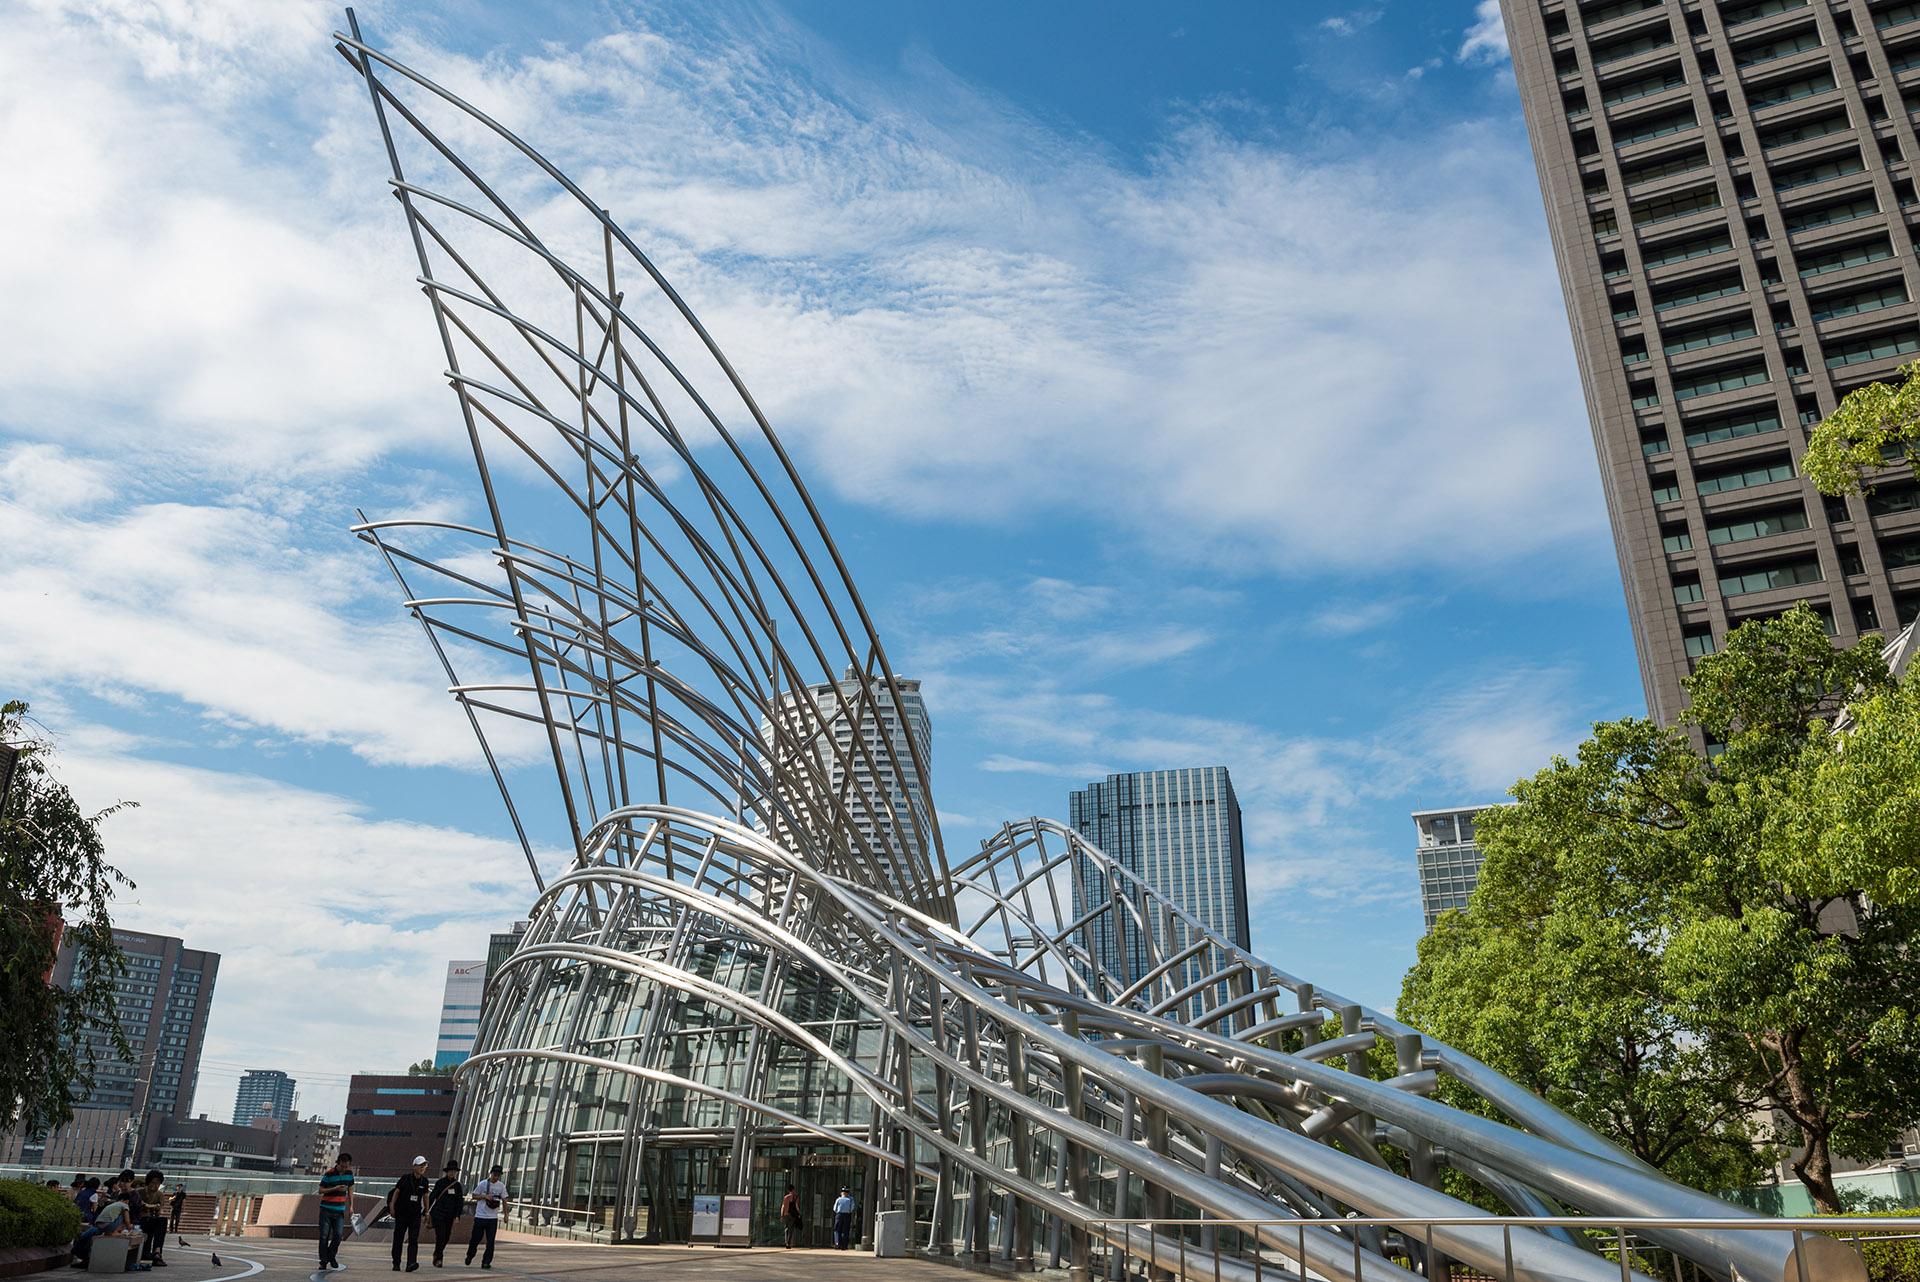 Museo Nacional de Arte, Osaka. Otra obra colosal de Pelli. Todo el museo fue diseñado por él y también sugirió que la estructura sea un diseño visible. (Shutterstock)